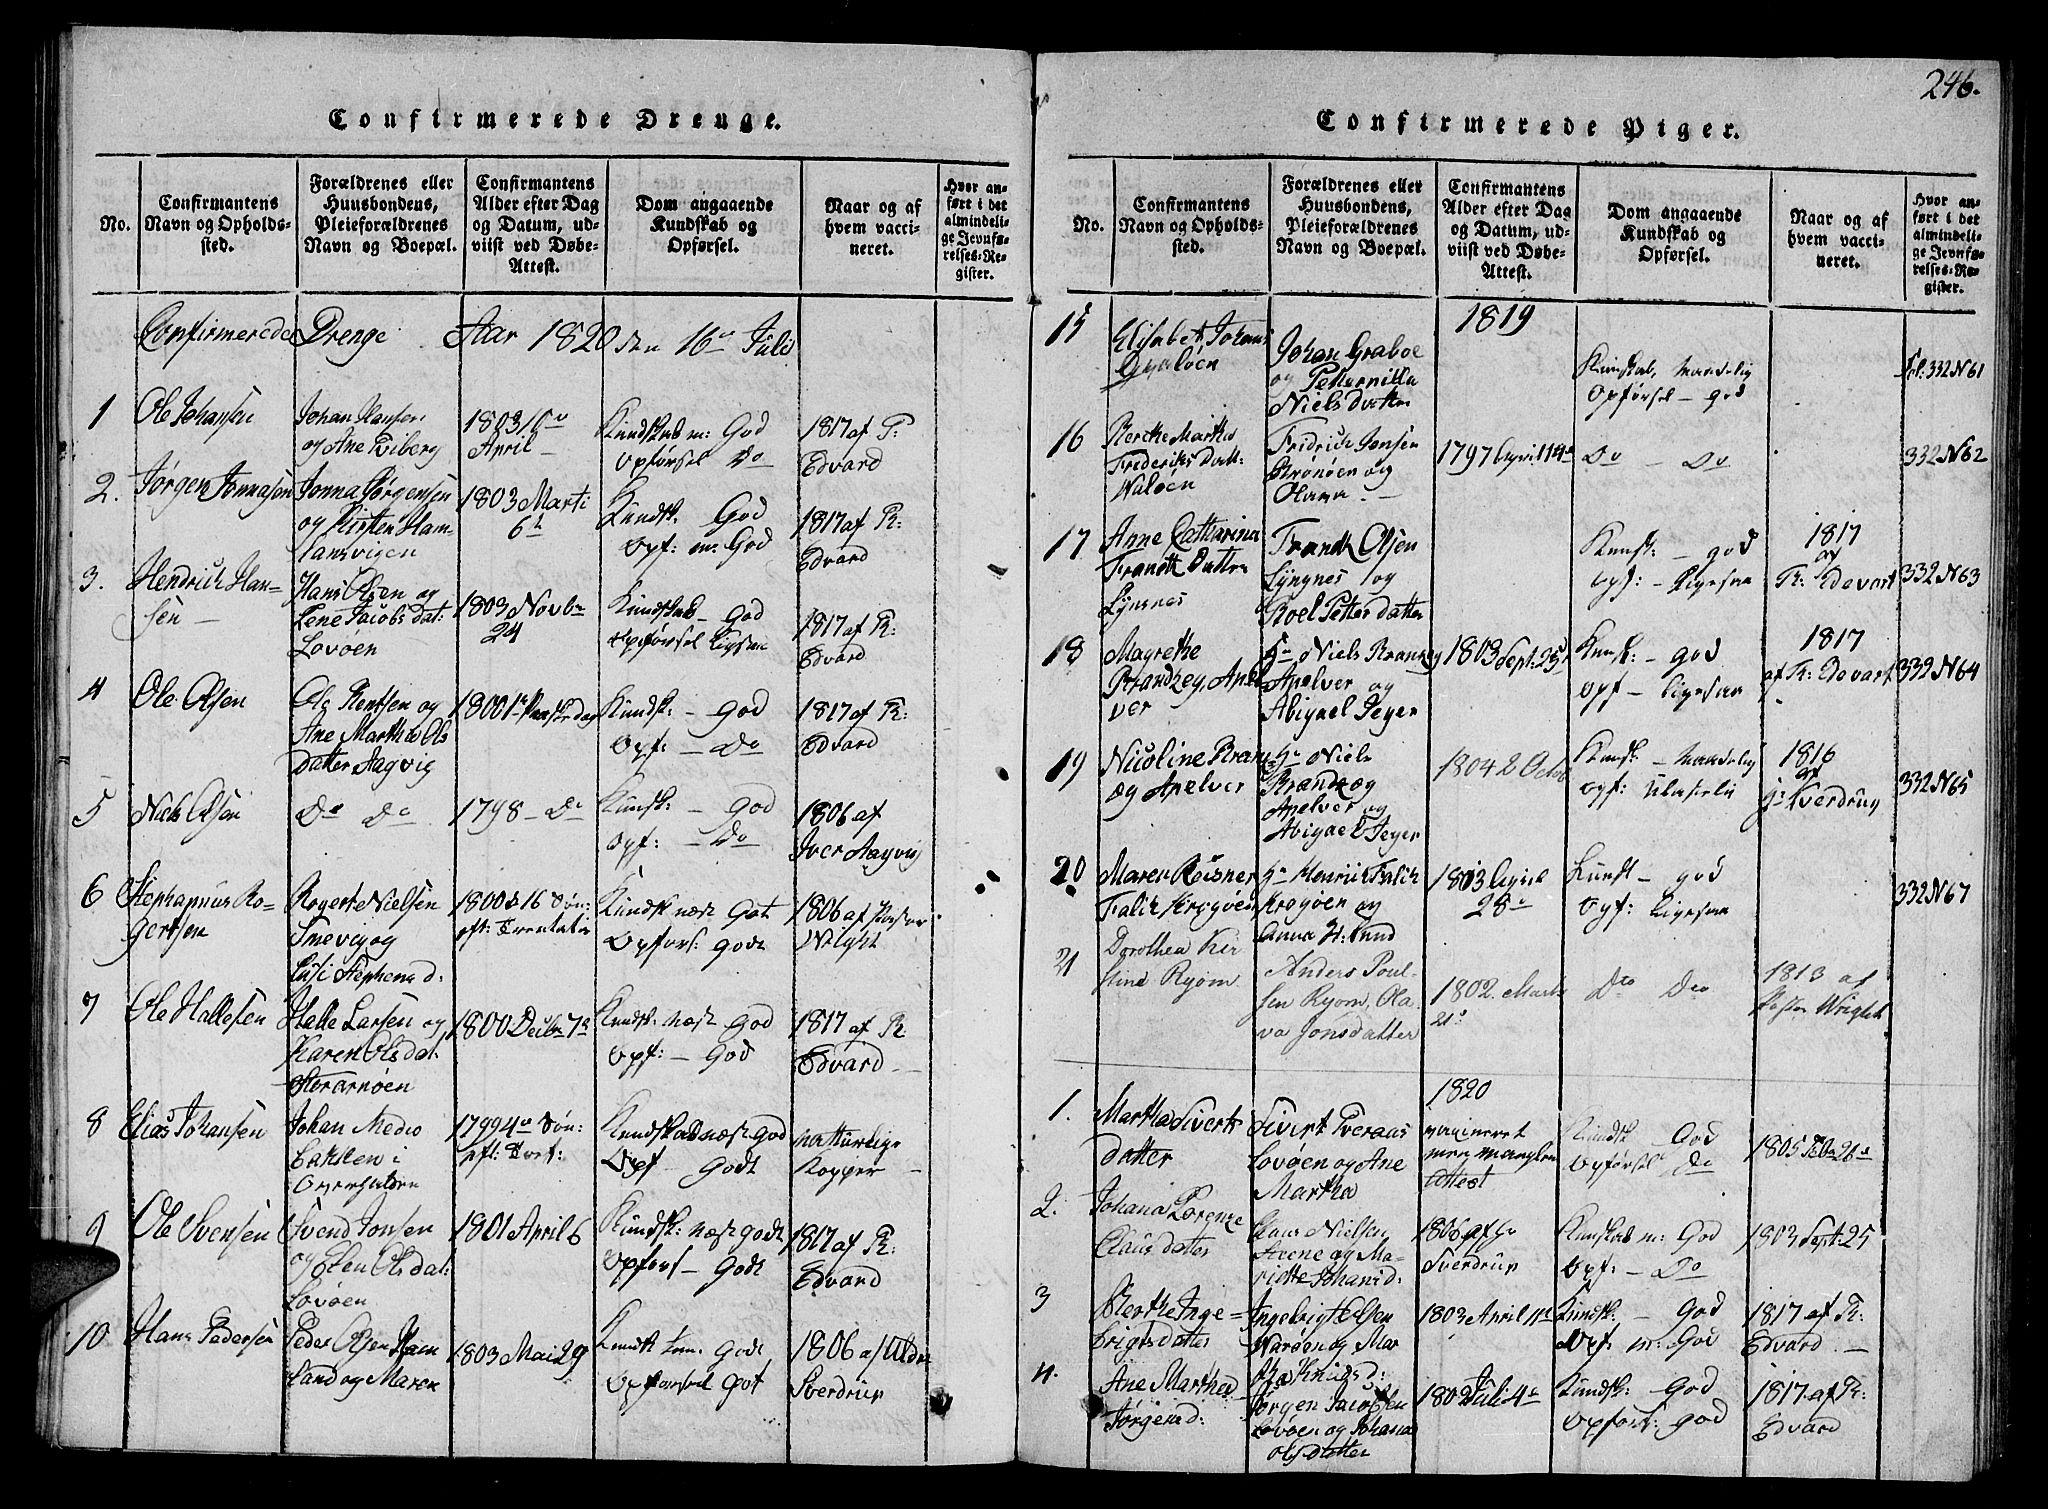 SAT, Ministerialprotokoller, klokkerbøker og fødselsregistre - Nord-Trøndelag, 784/L0679: Klokkerbok nr. 784C01 /1, 1816-1822, s. 246